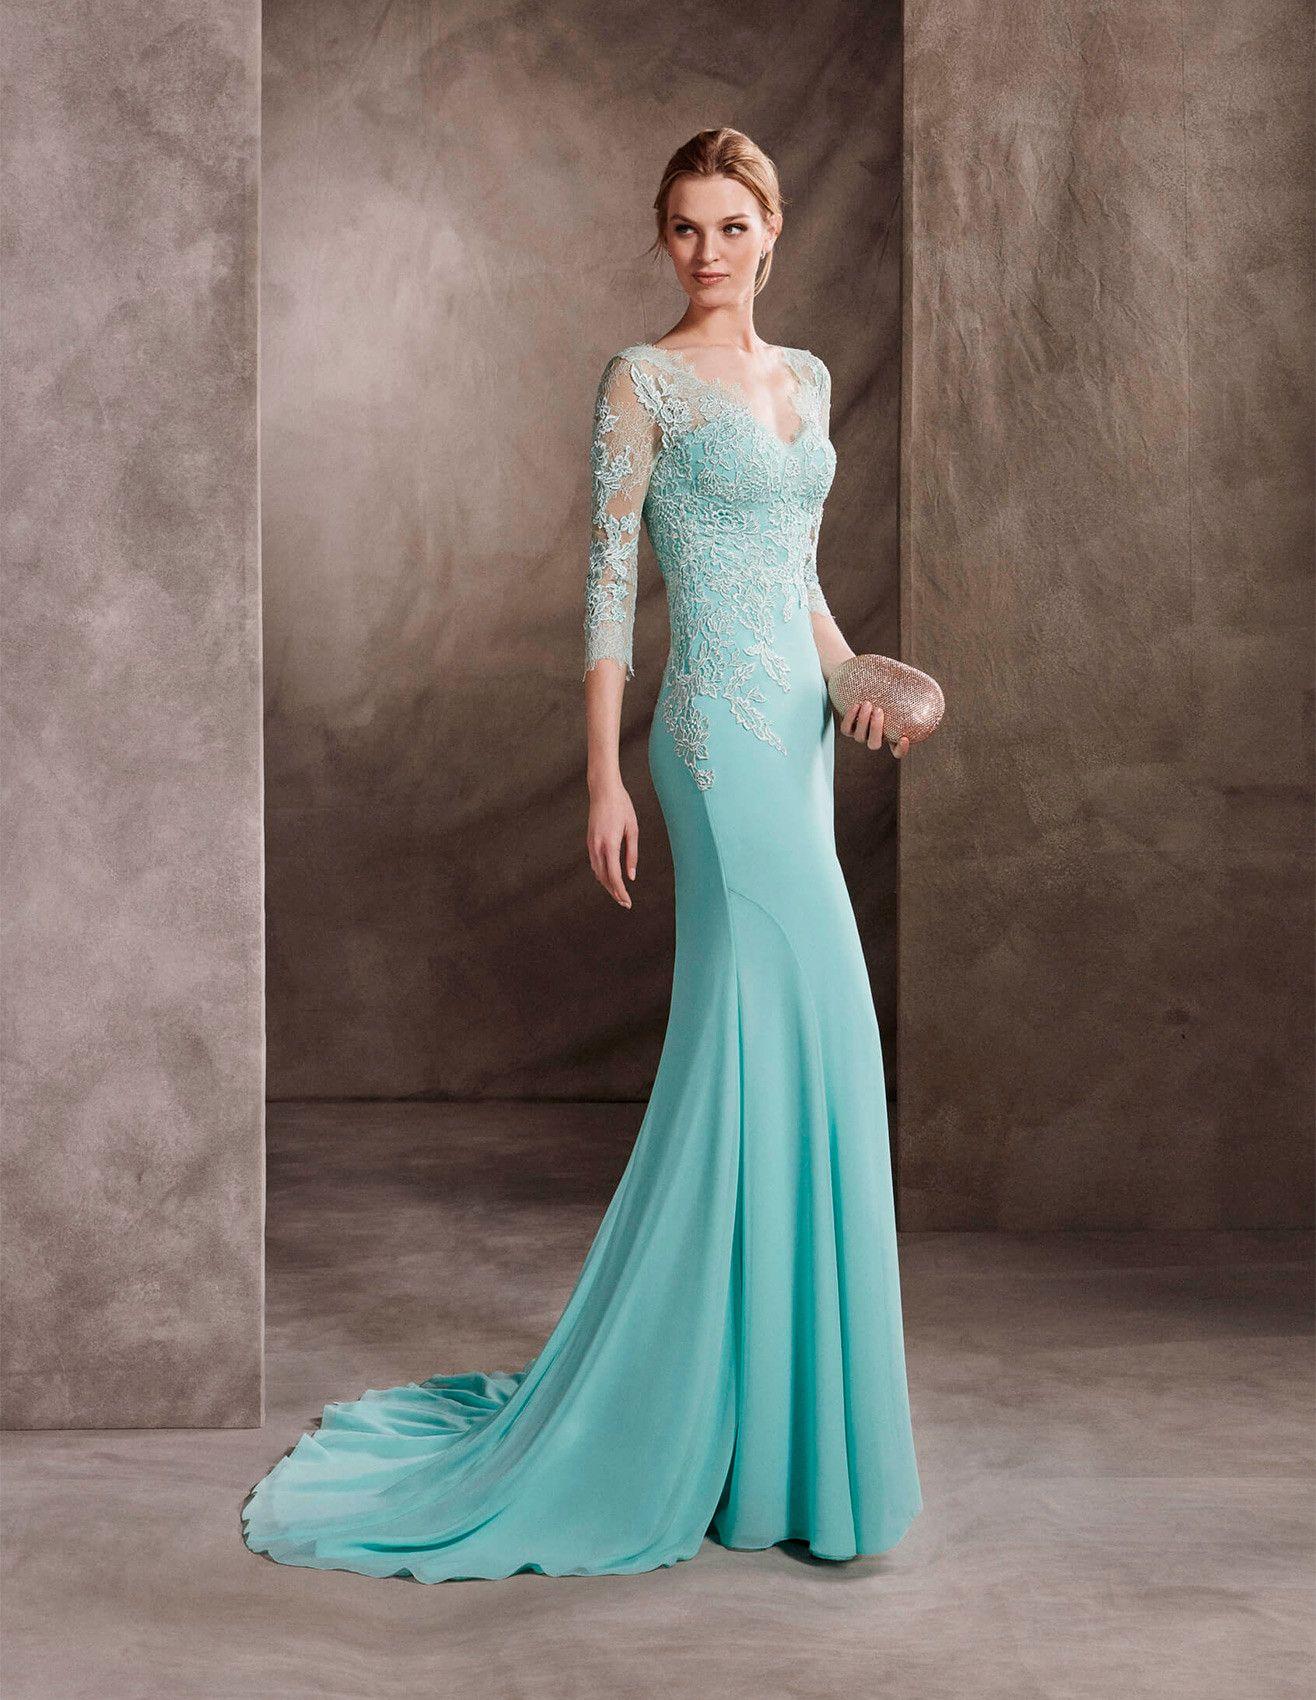 Vestido de festa longo azul   Vestidos de noche, Noche y Vestiditos